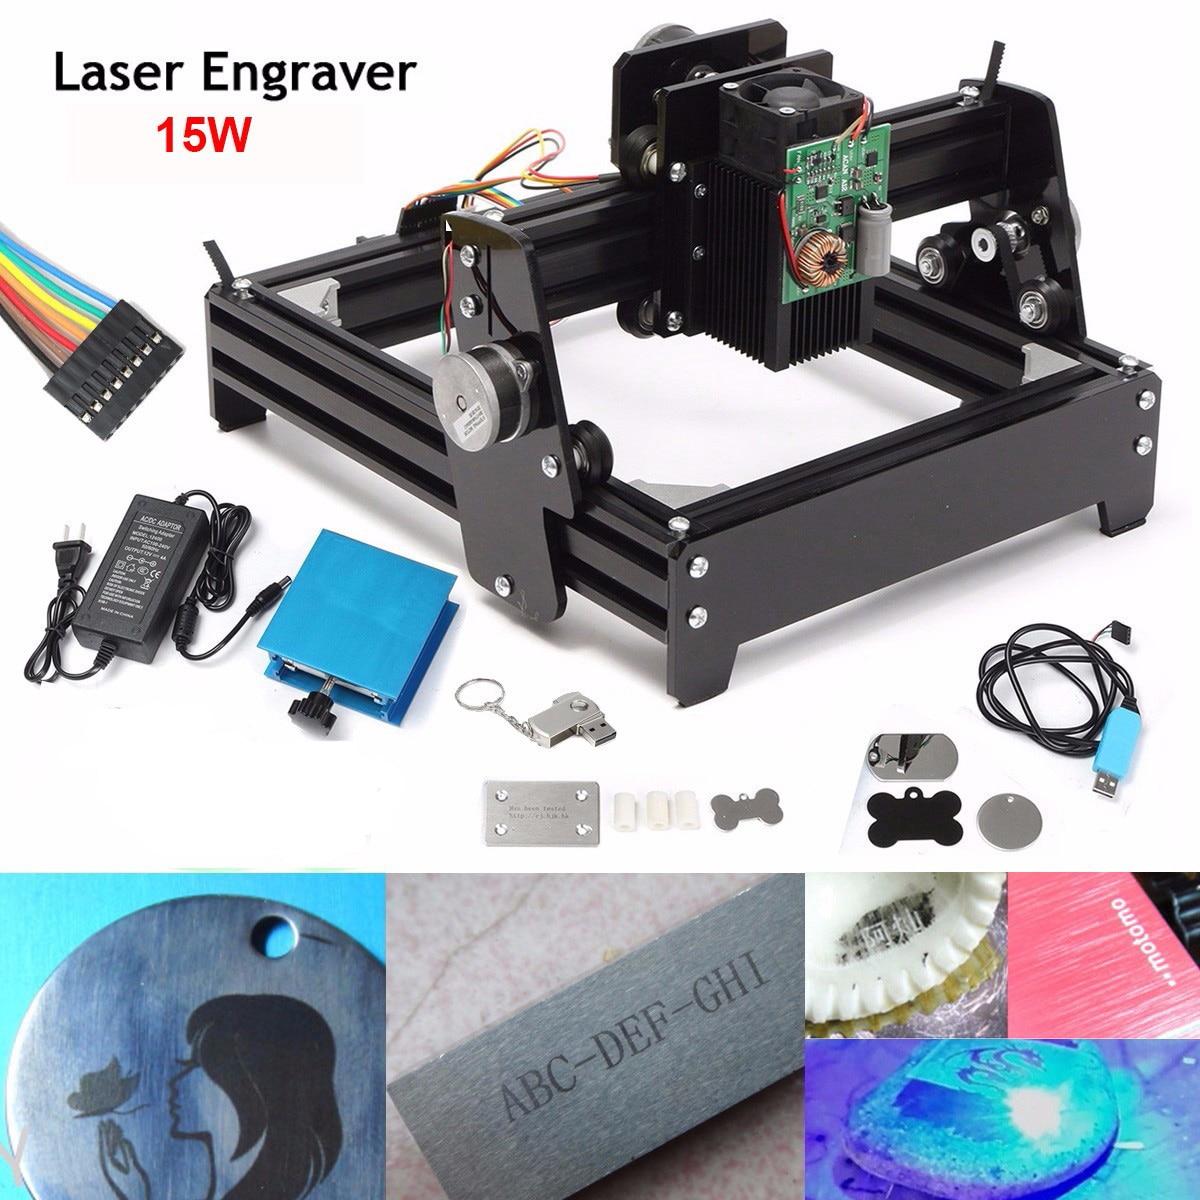 Nouveau 15 W Laser COMME-5 USB De Bureau 15000 mW CNC Laser Graveur bricolage Machine de Marquage Pour Le Métal Pierre bois zone de gravure 14x20 cm